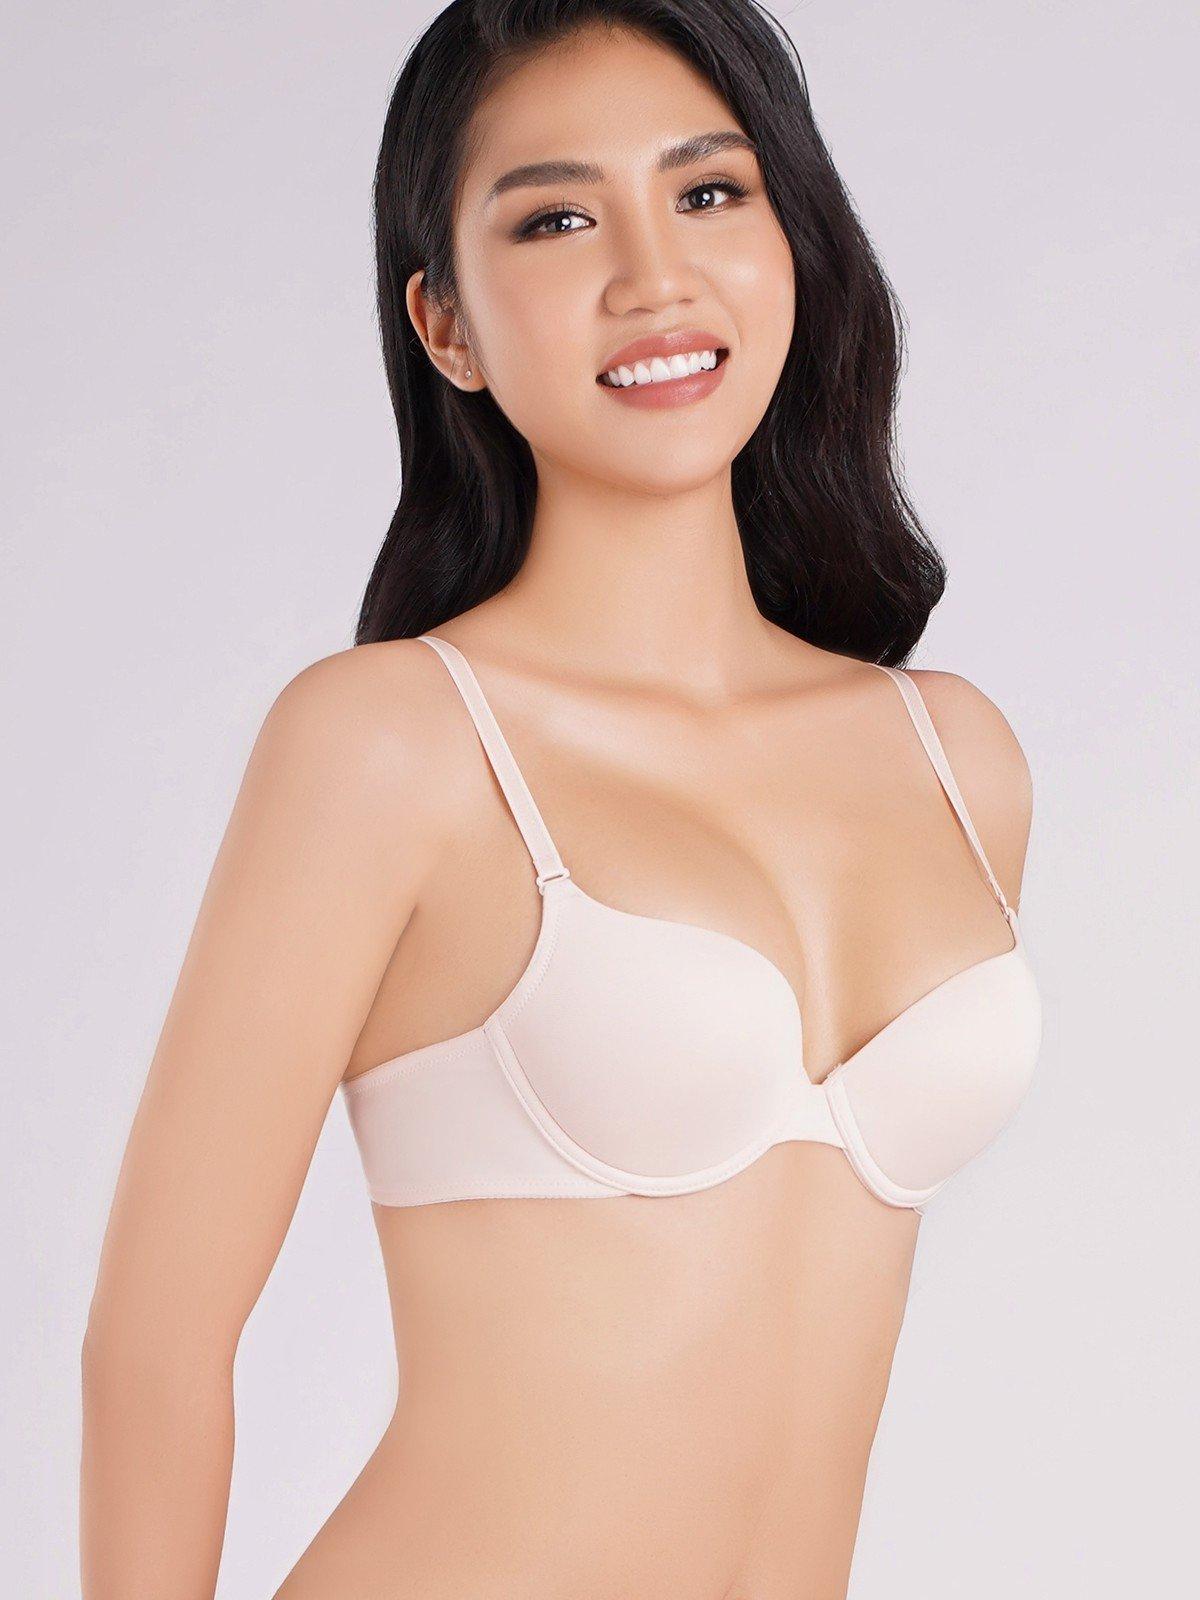 Áo ngực VERA mút mỏng cup trơn - 0110